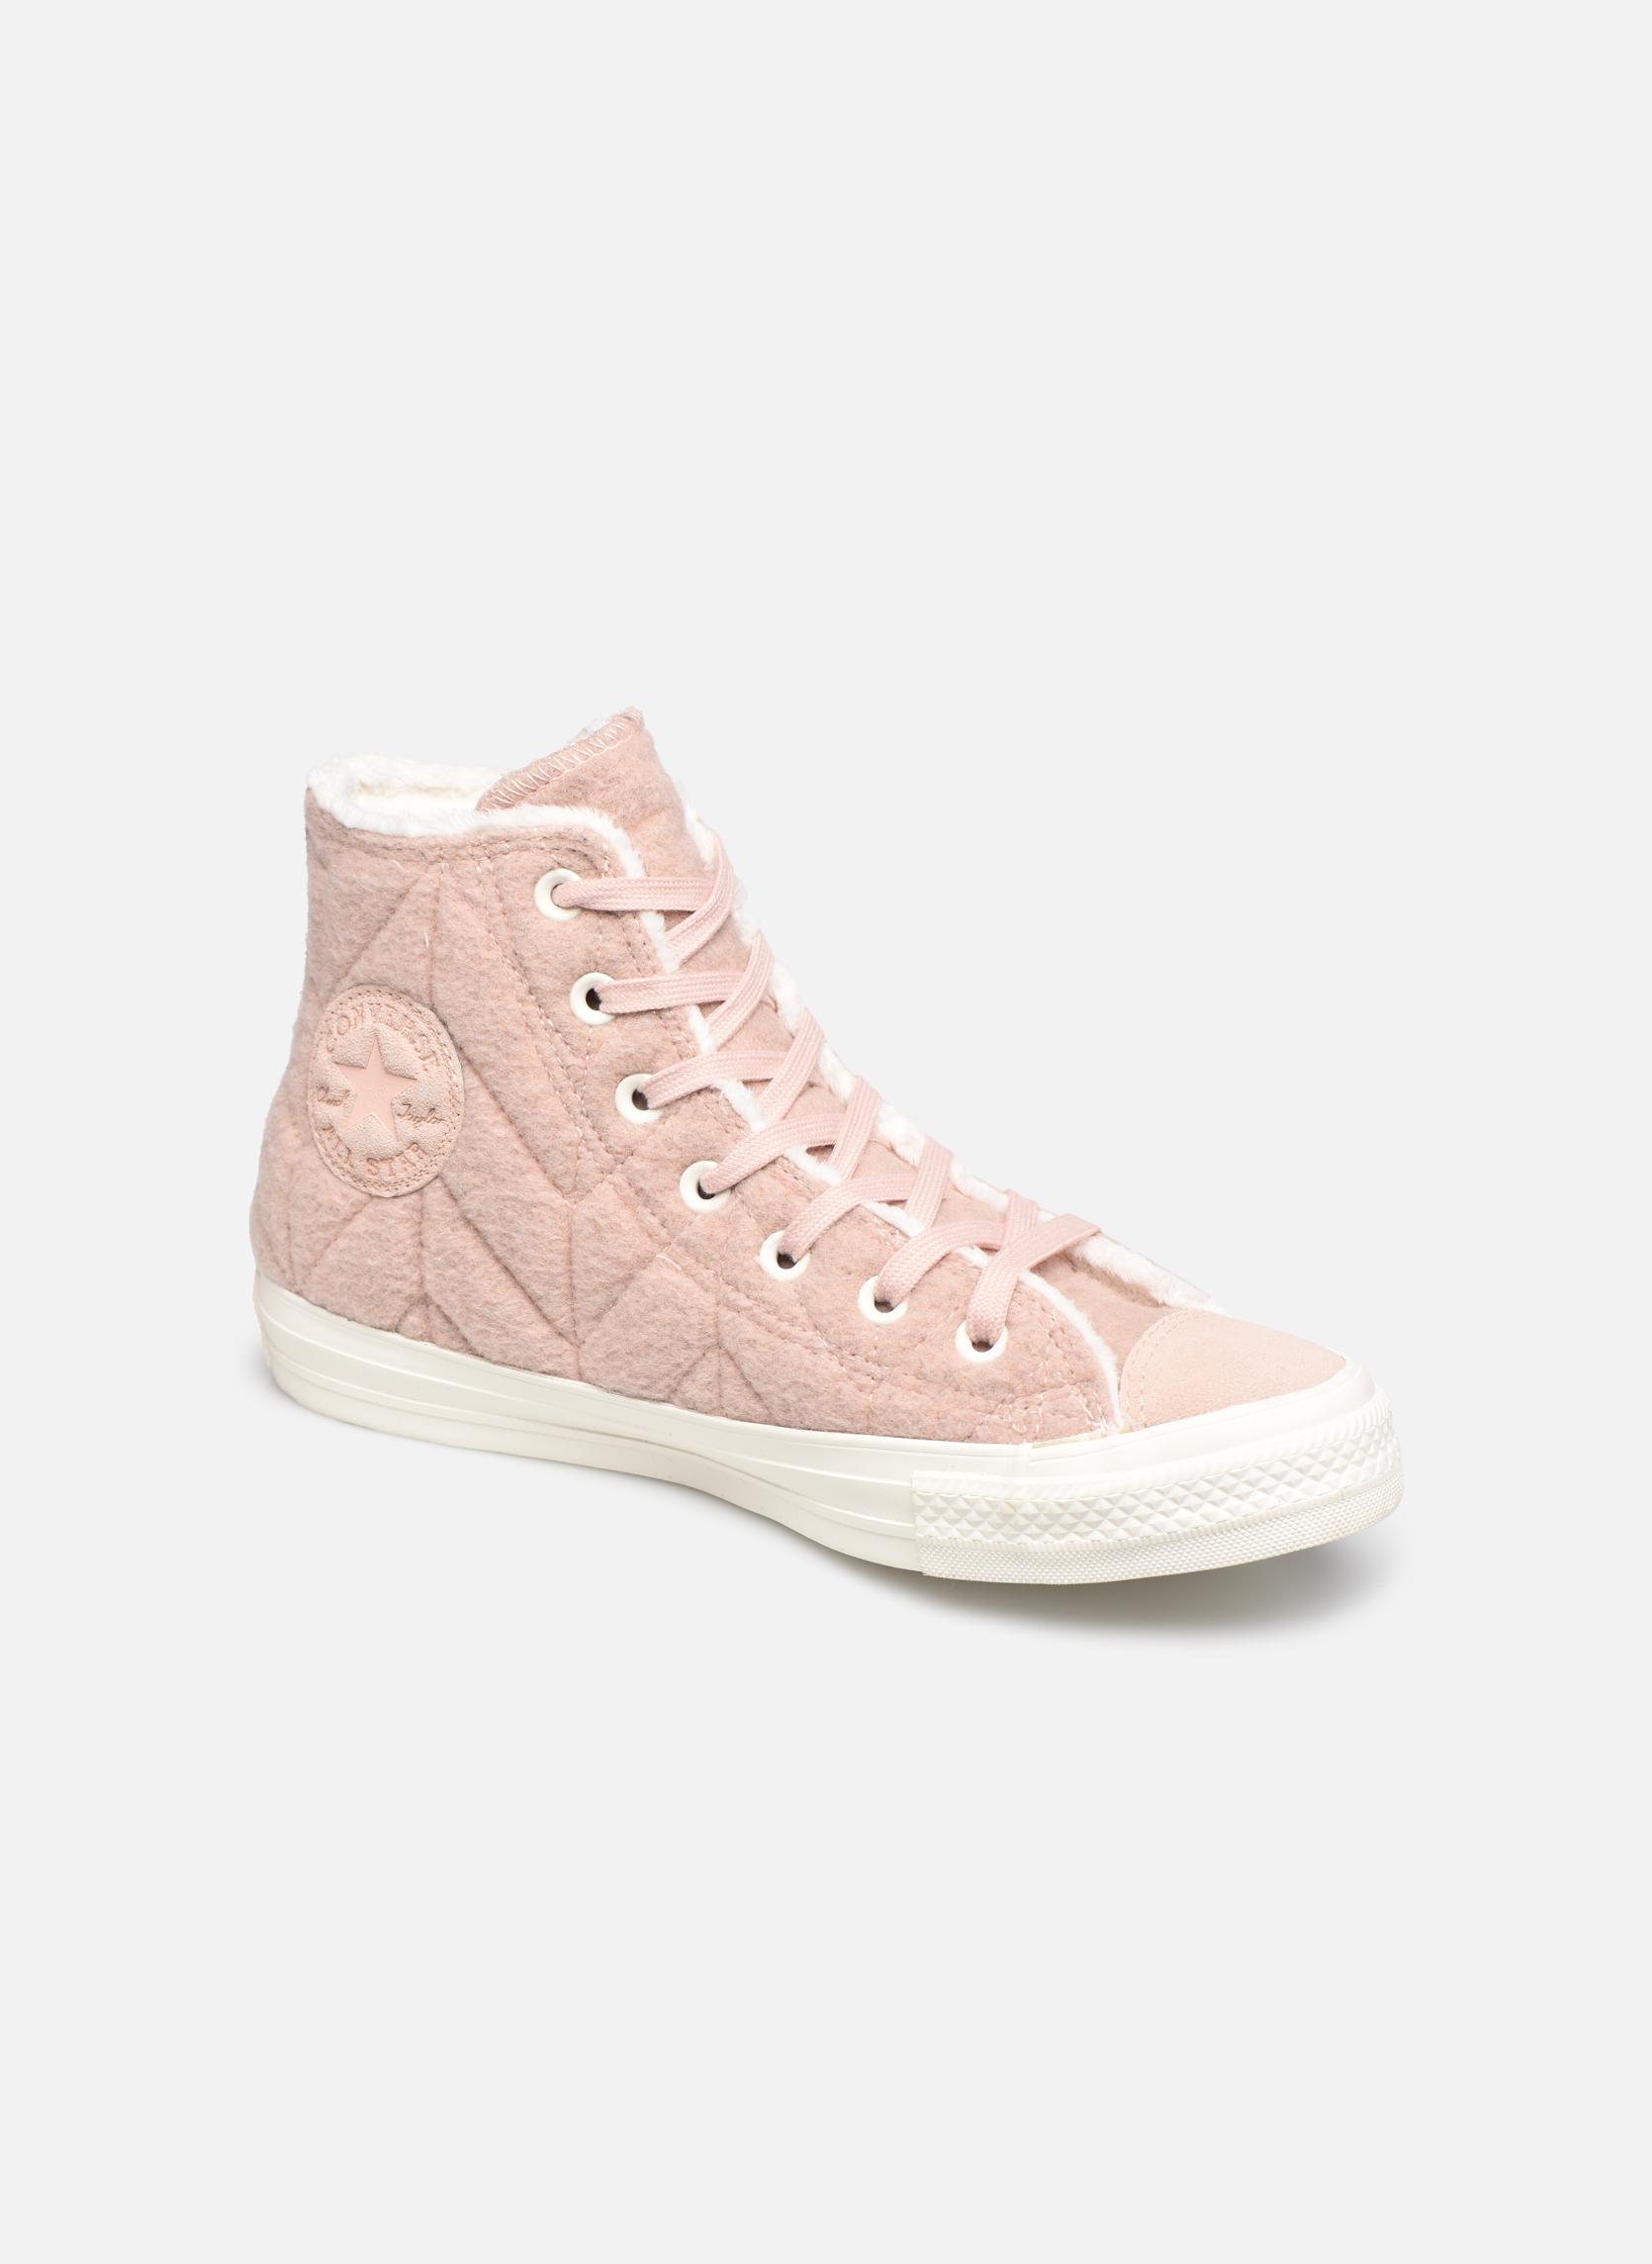 ce827aeb39 ... Grandes descuentos últimos zapatos Converse Chuck Taylor All Star Wool  Hi (Rosa) - Deportivas